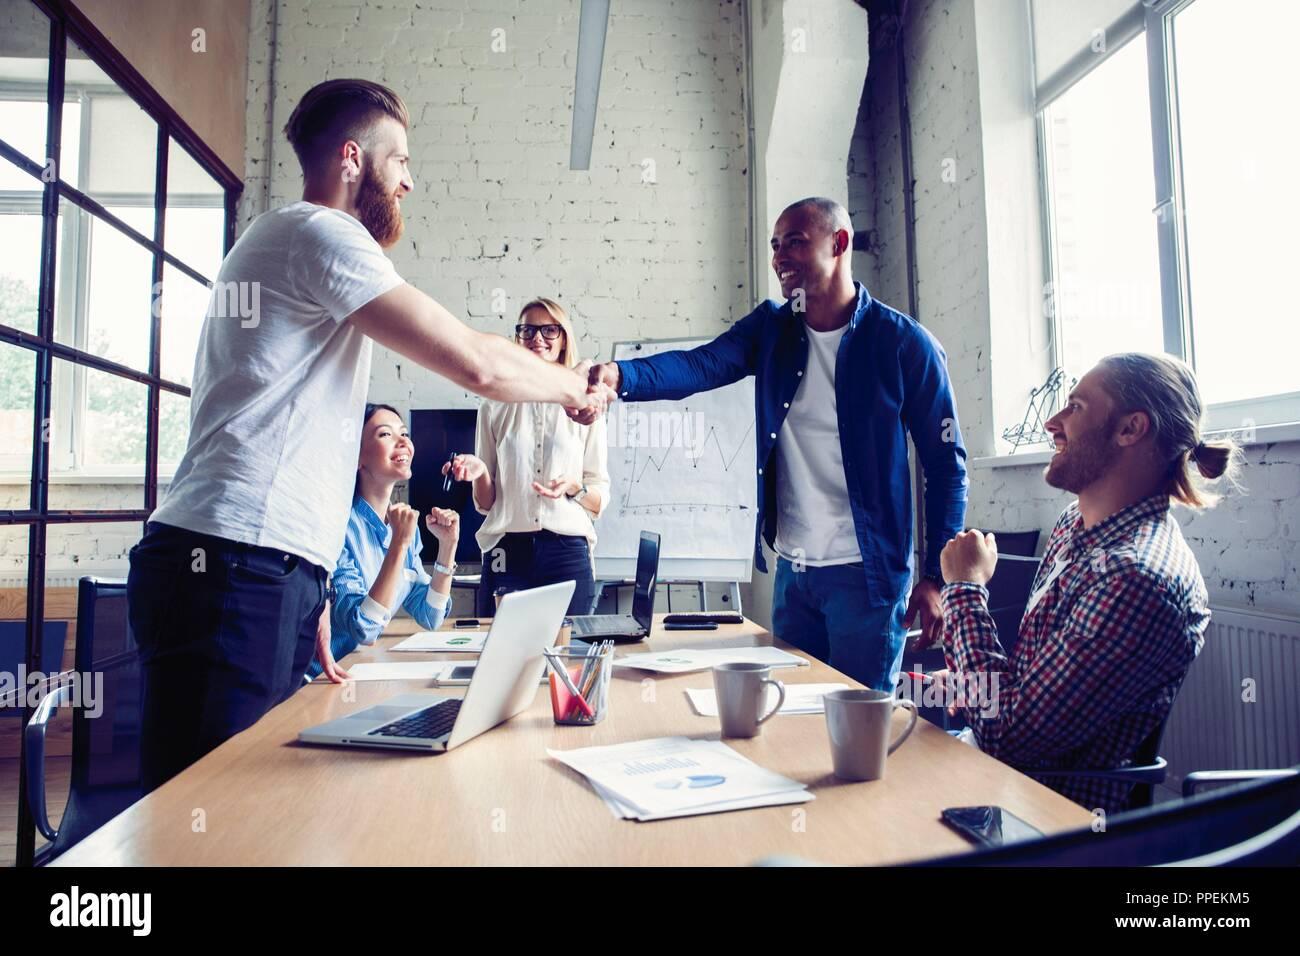 Neue Geschäftspartner. Junge moderne Kollegen in Smart Casual Wear Hände schütteln und lächelnd, während in der kreativen Büro zu sitzen. Stockfoto